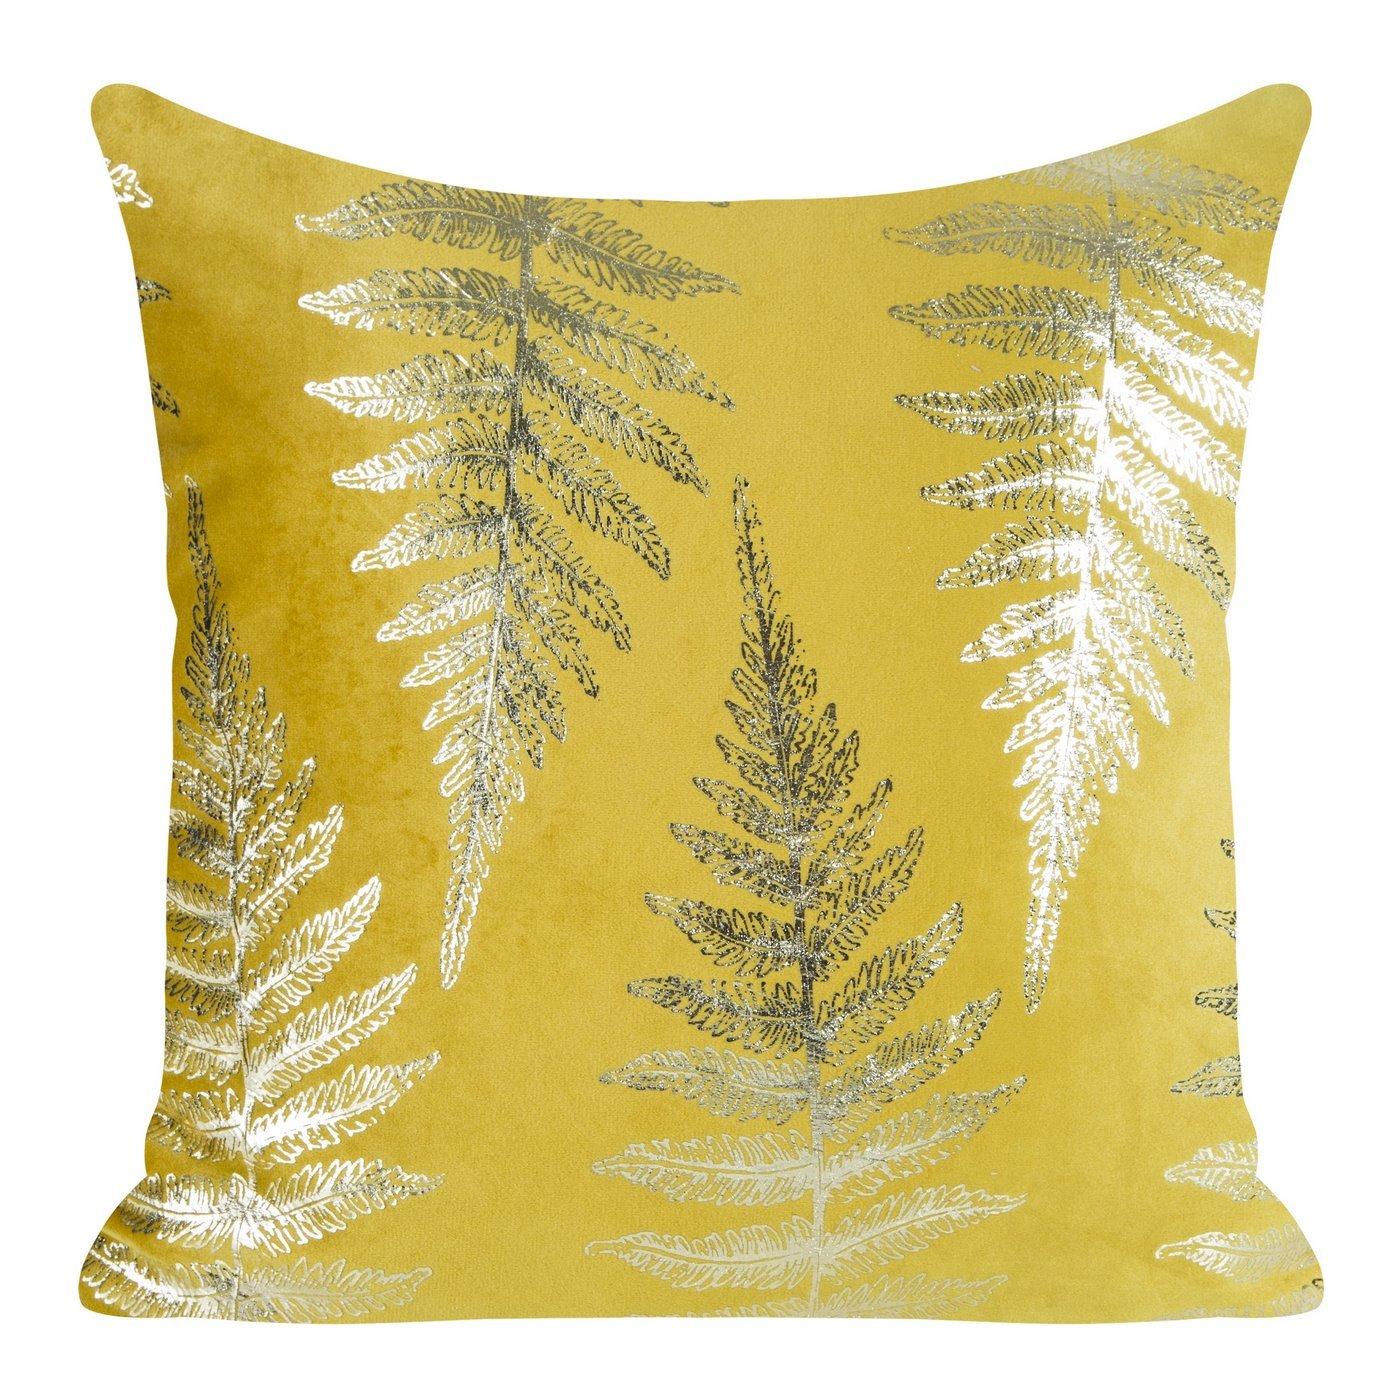 Ozdobna musztardowa poszewka z motywem złotych paproci 45x45 cm